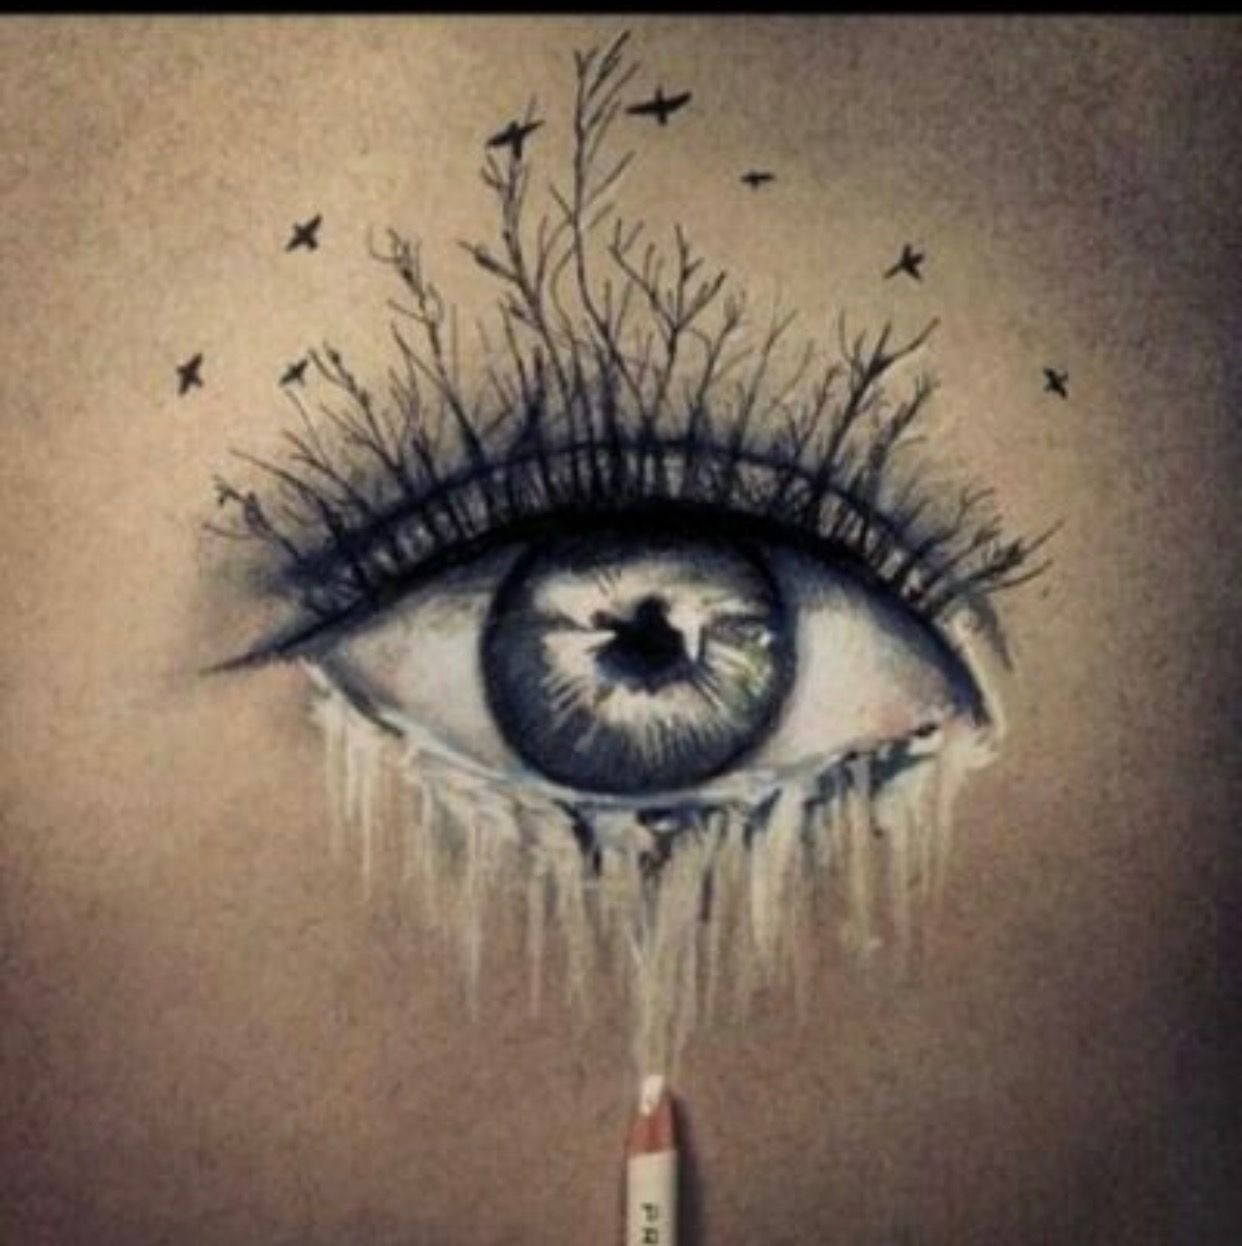 Pin by Mandi Szikula on Art Eye art, Eye tattoo, Tree